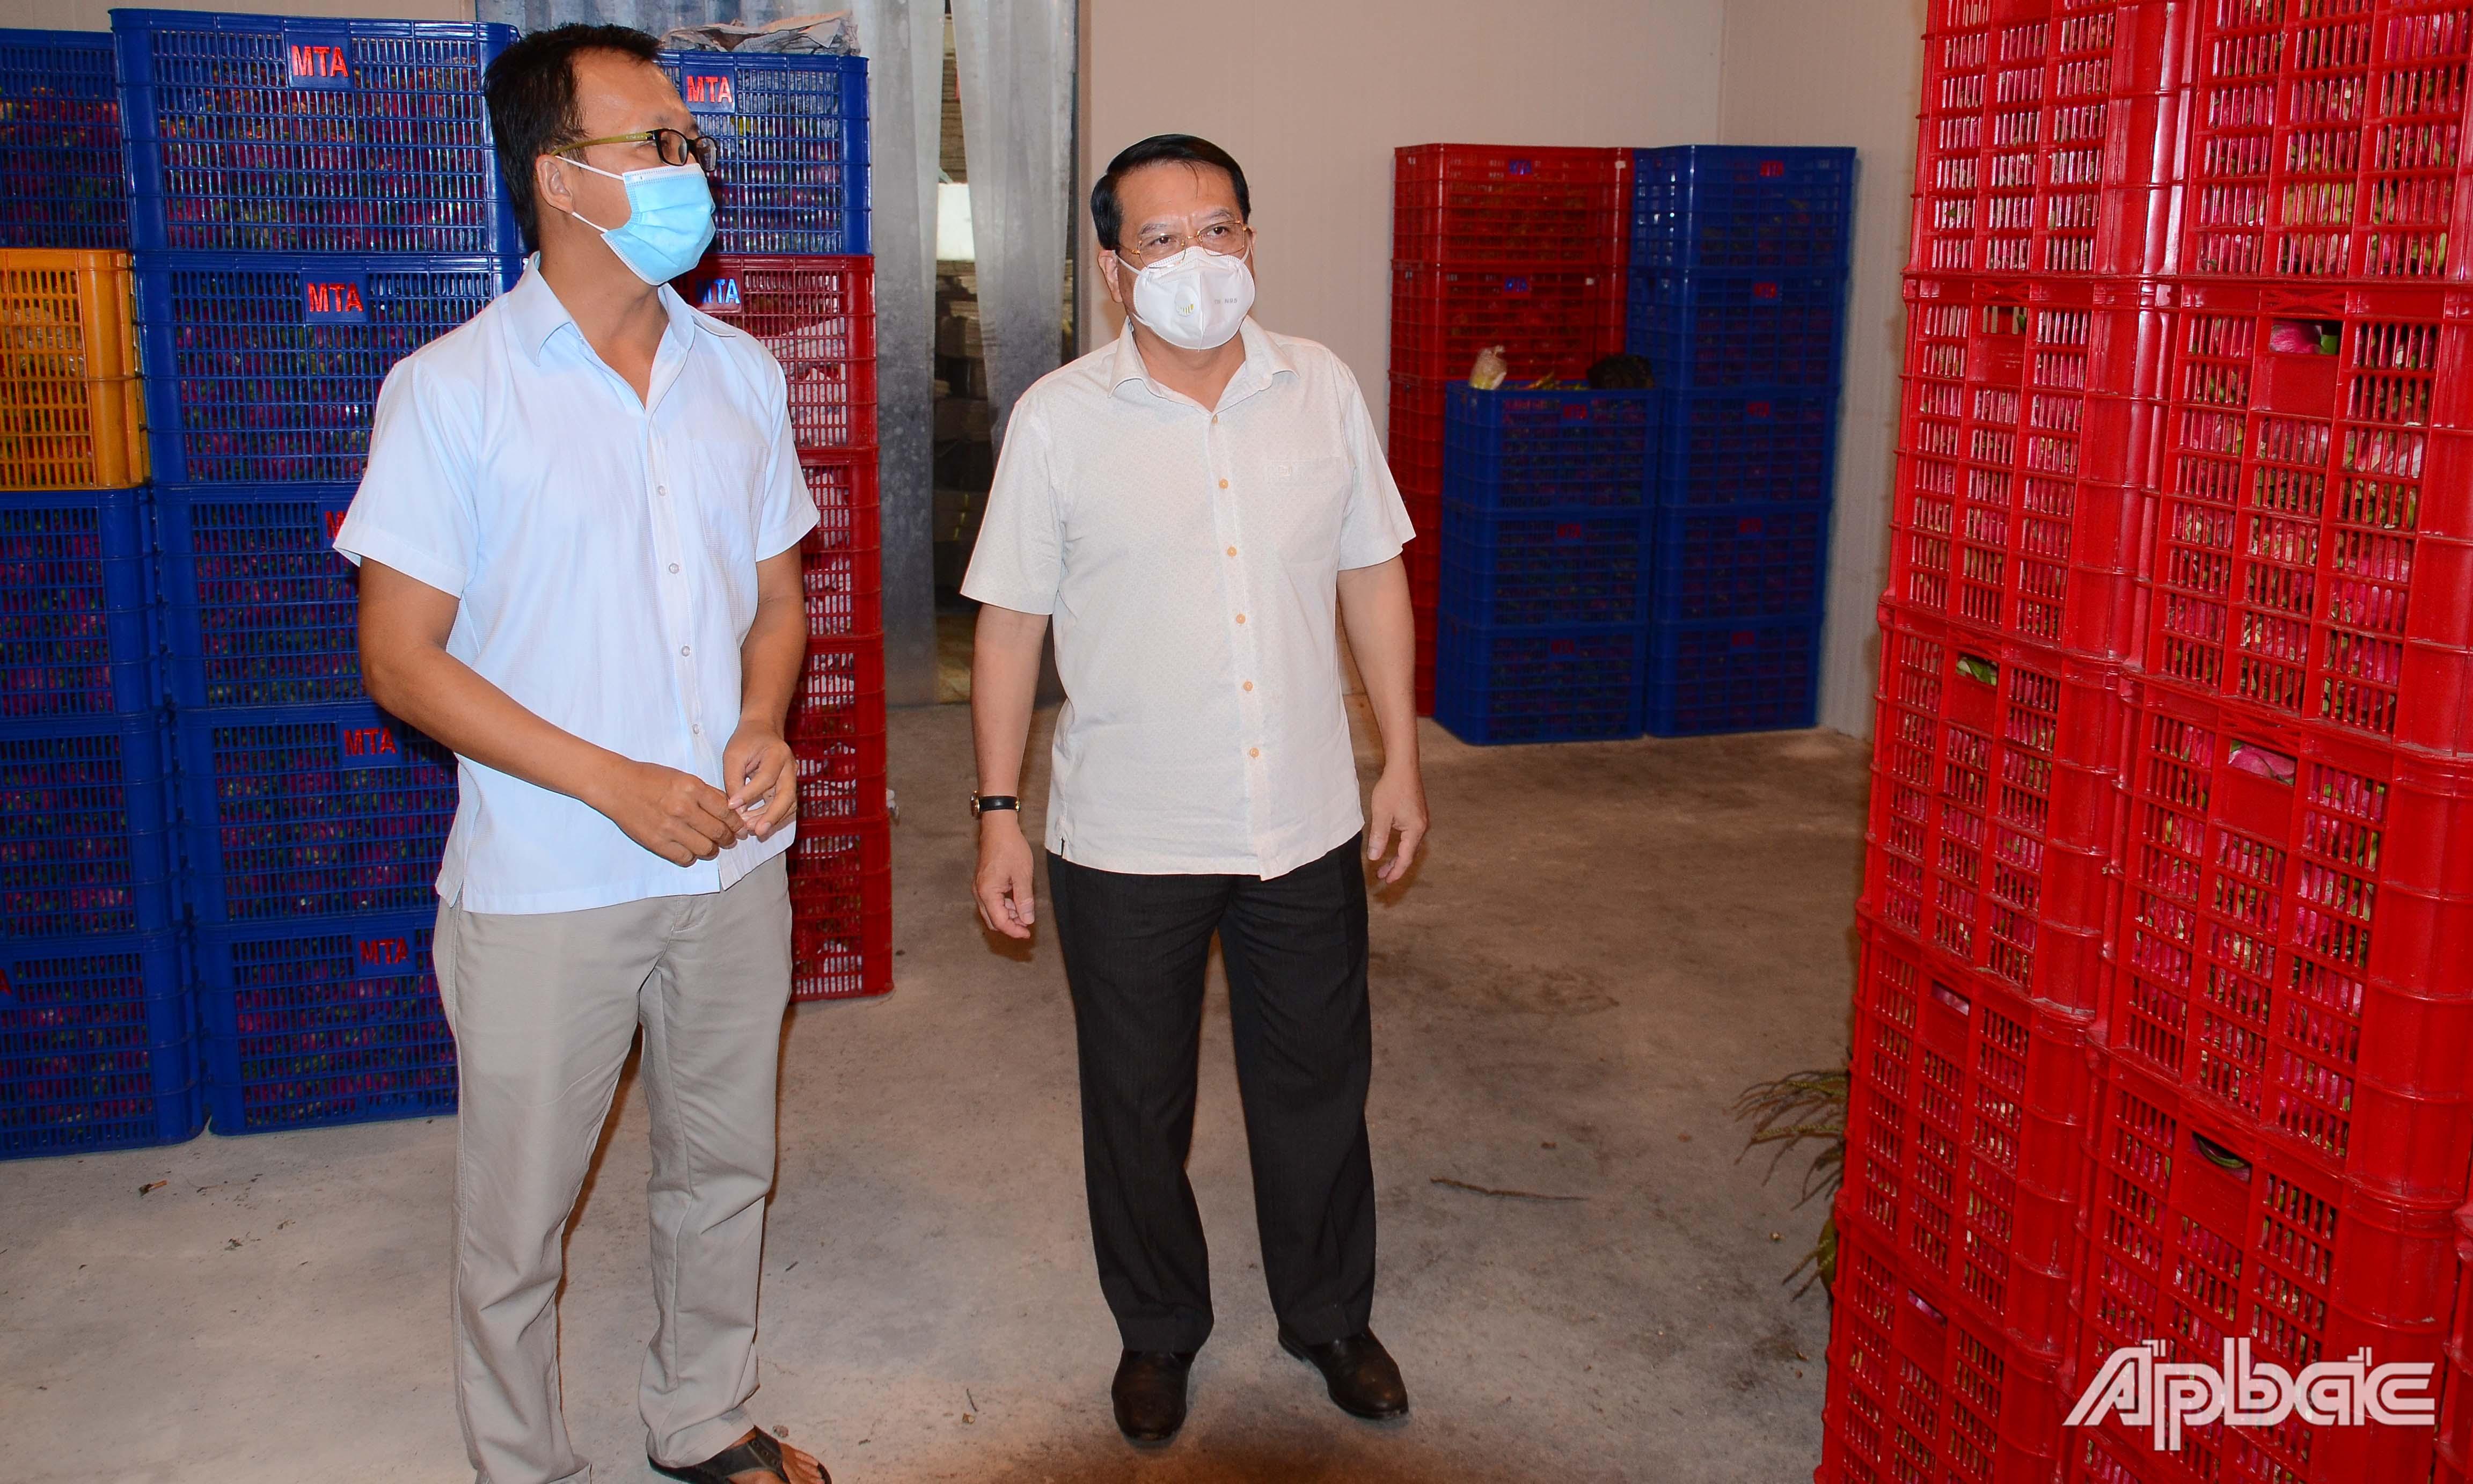 Đồng chí Phạm Văn Trọng thăm, kiểm tra tại HTX Mỹ Tịnh An.